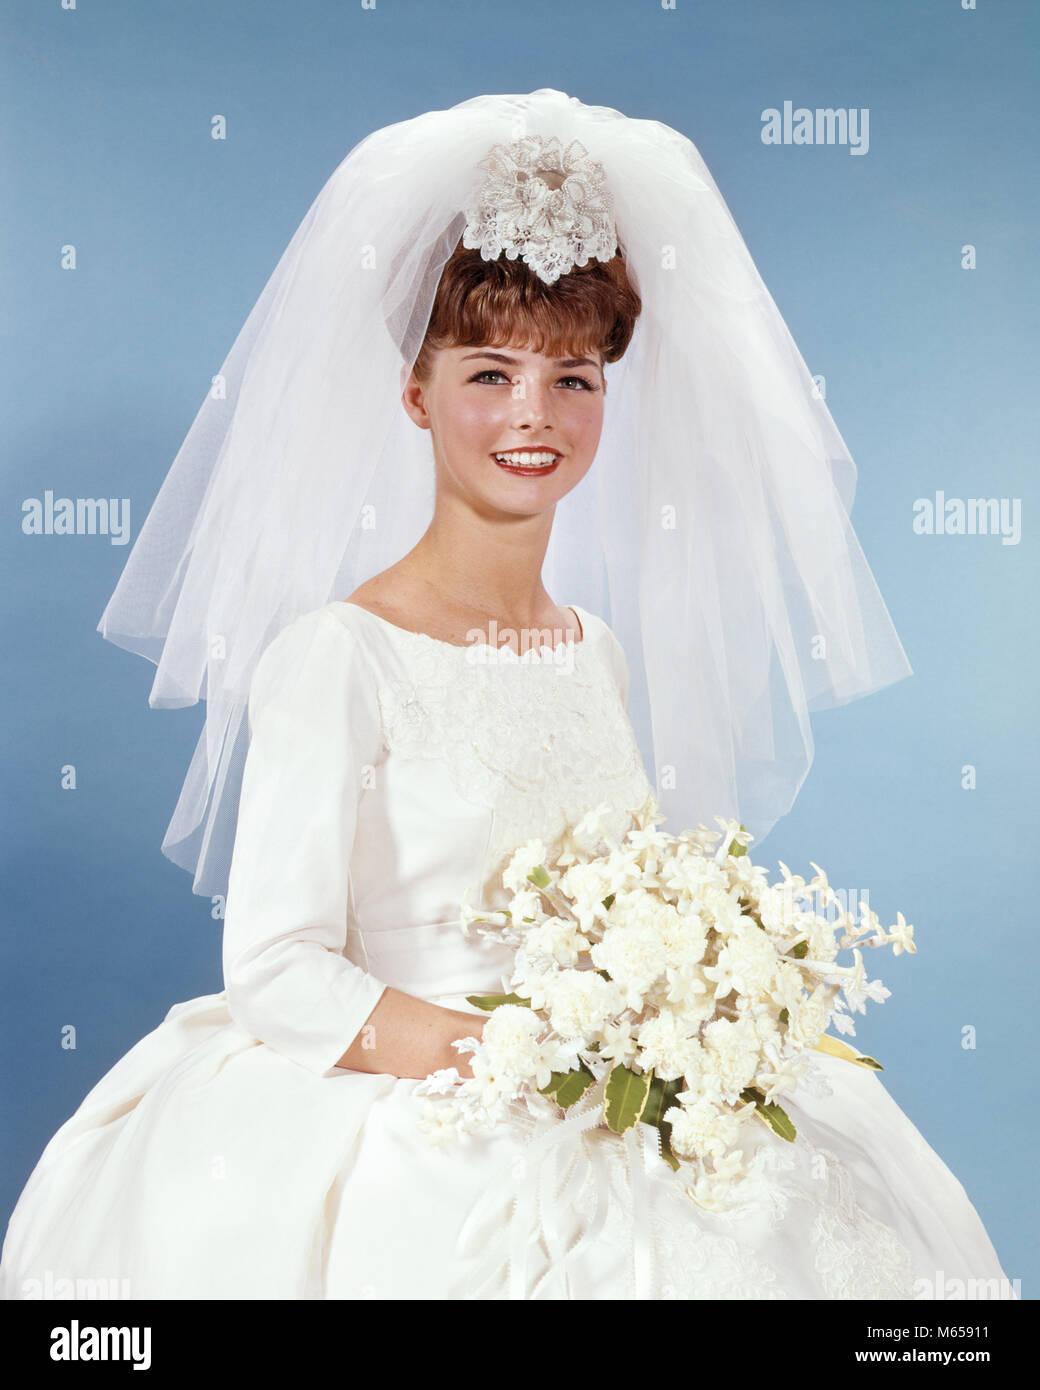 Bouquet Sposa Anni 30.Anni Sessanta Ritratto Donna Sorridente Sposa In Bianco Semplice